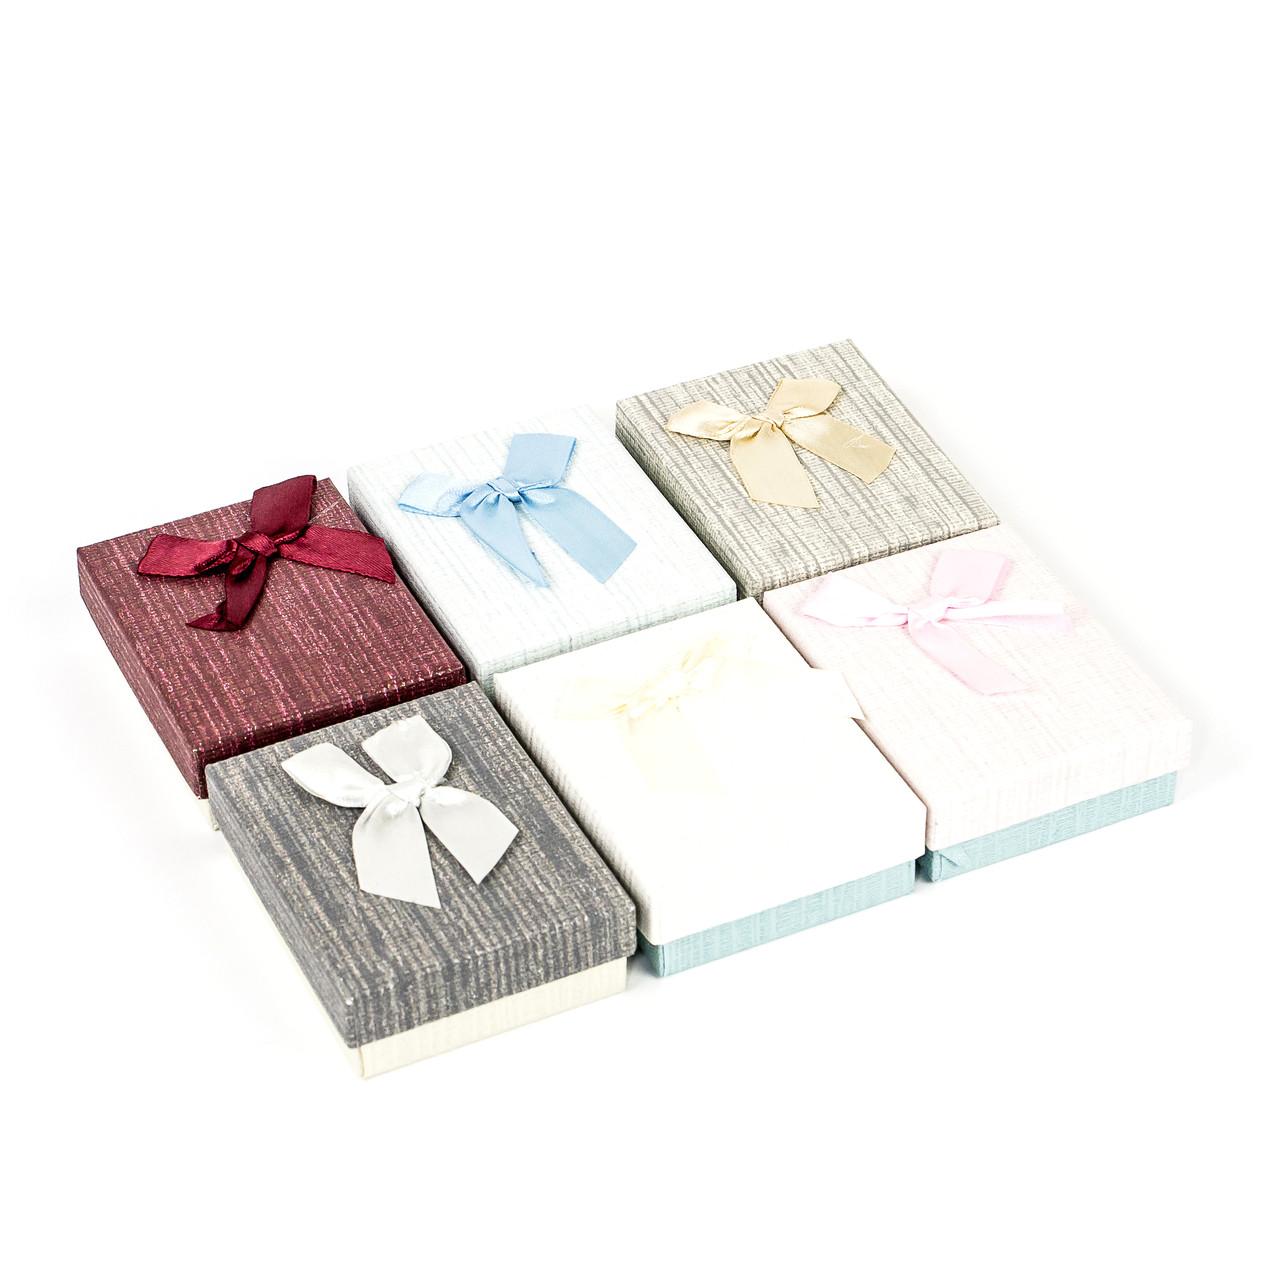 Подарочная коробочка для украшений розовая 9 х 7 х 2,7 см